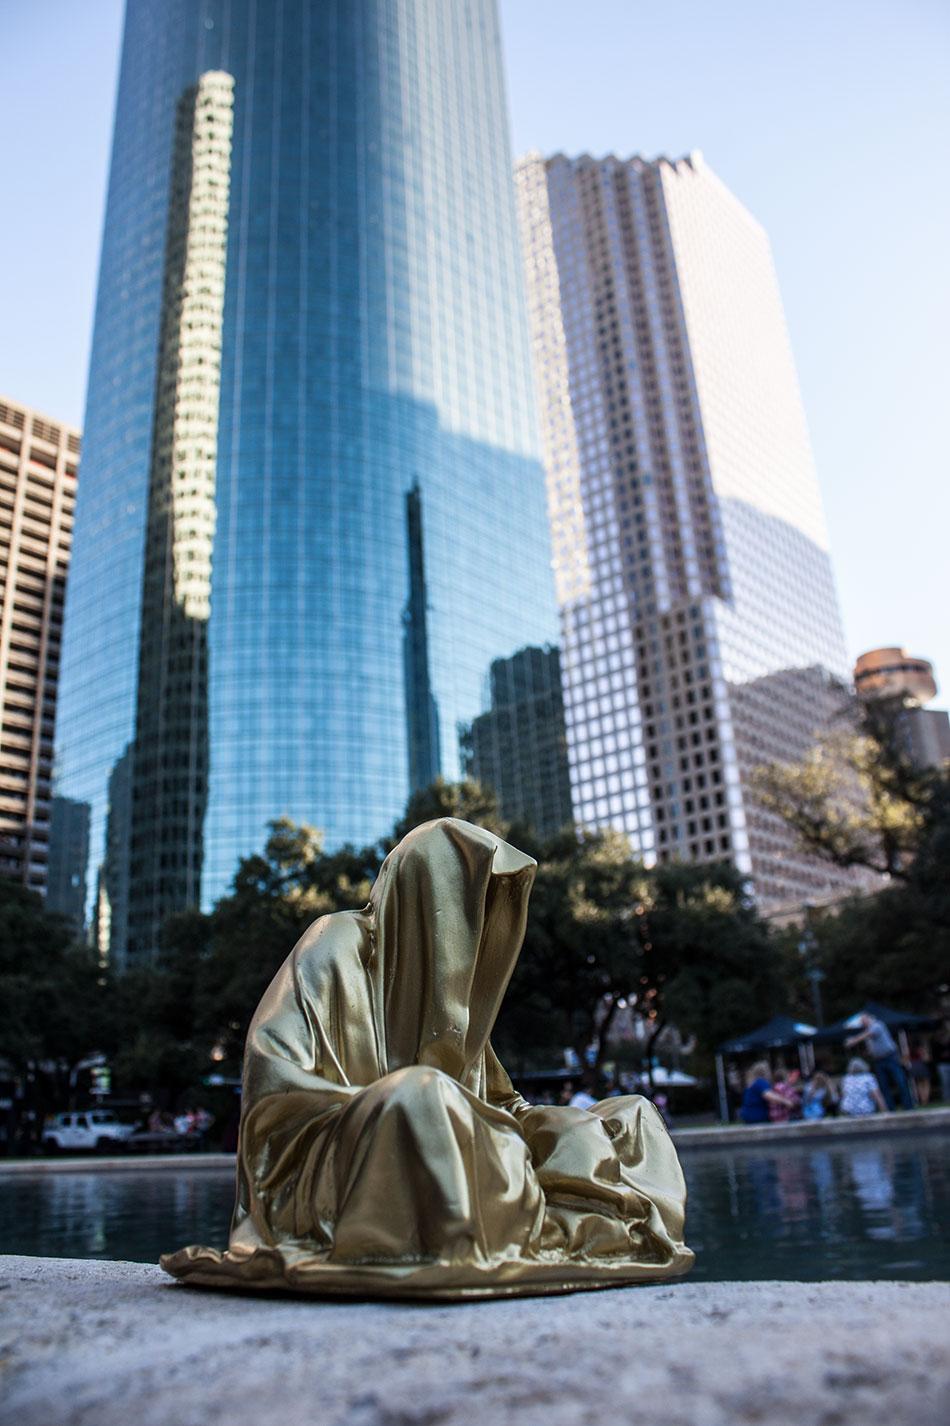 public-art-usa-tour-houston-texas-art-arts-arte-design-guardians-of-time-manfred-kielnhofer-contemporary-fine-art-antiques-5270